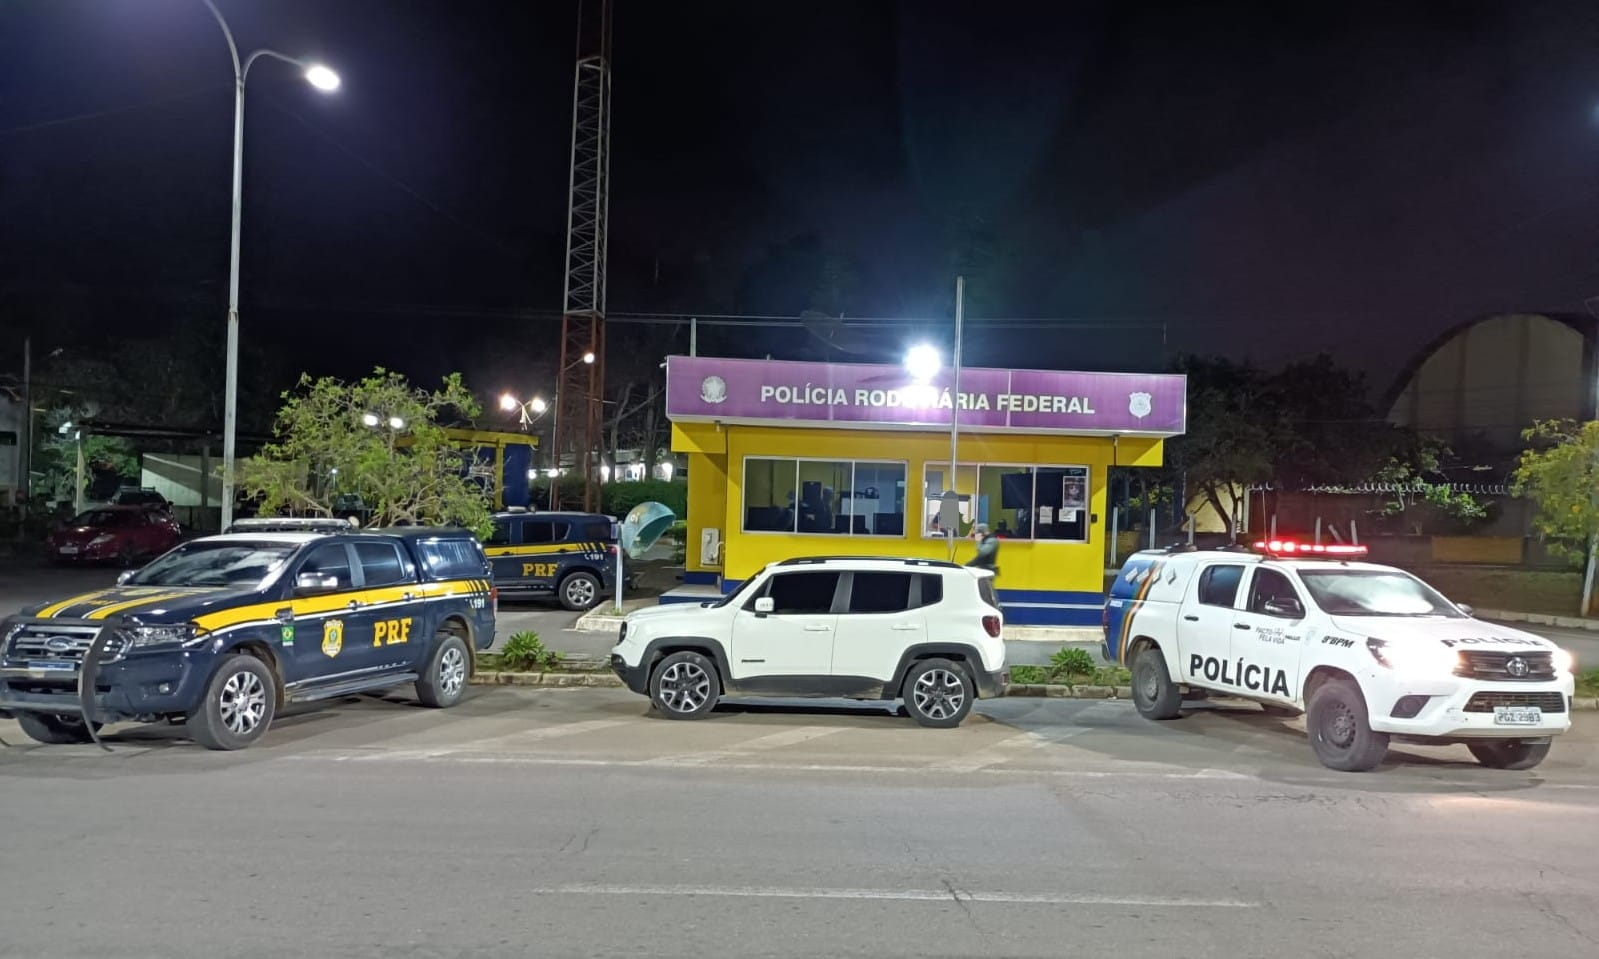 Veículo utilizado pelos homens cruzou ruas da cidade, transitou pela contramão e se envolveu em acidente com viatura. (PRF/Divulgação)